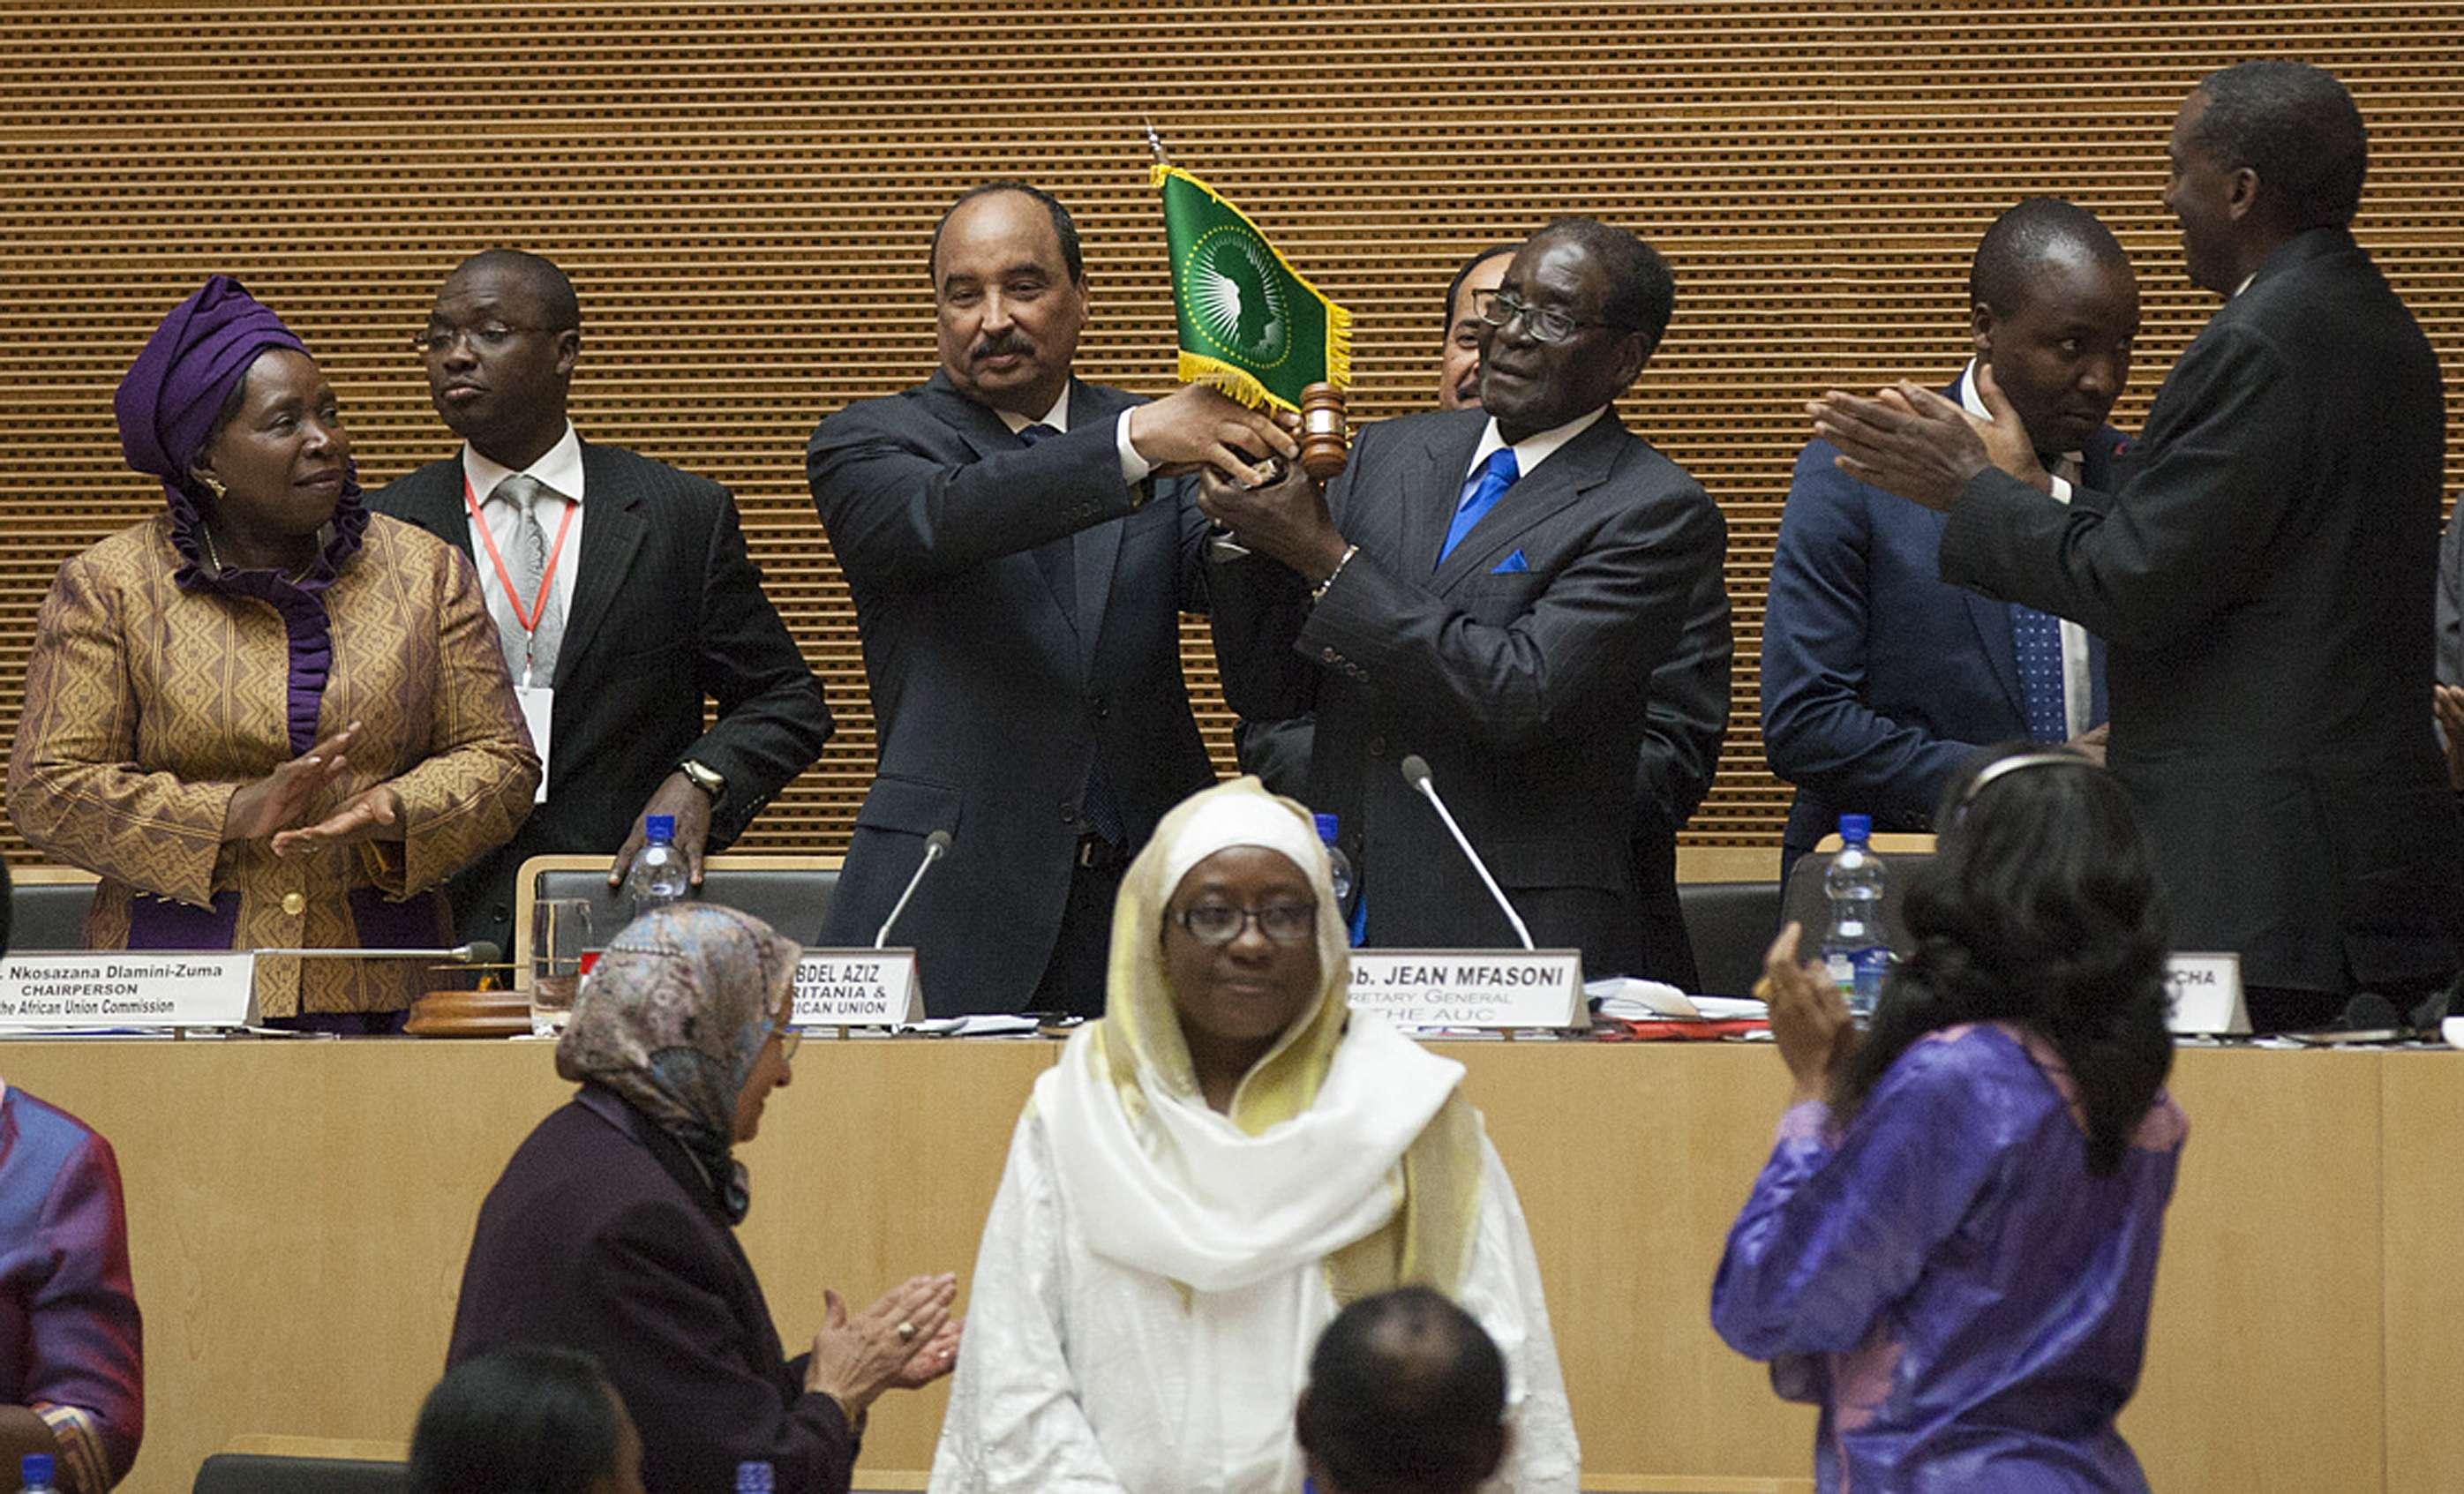 El nuevo Presidente de la Unión Africana (UA) y gobernante de Zimbabwe, Robert Mugabe, participa en la 24 Cumbre de la UA en la sede de la UA en Addis Abeba, capital de Etiopía Foto: AFP en español